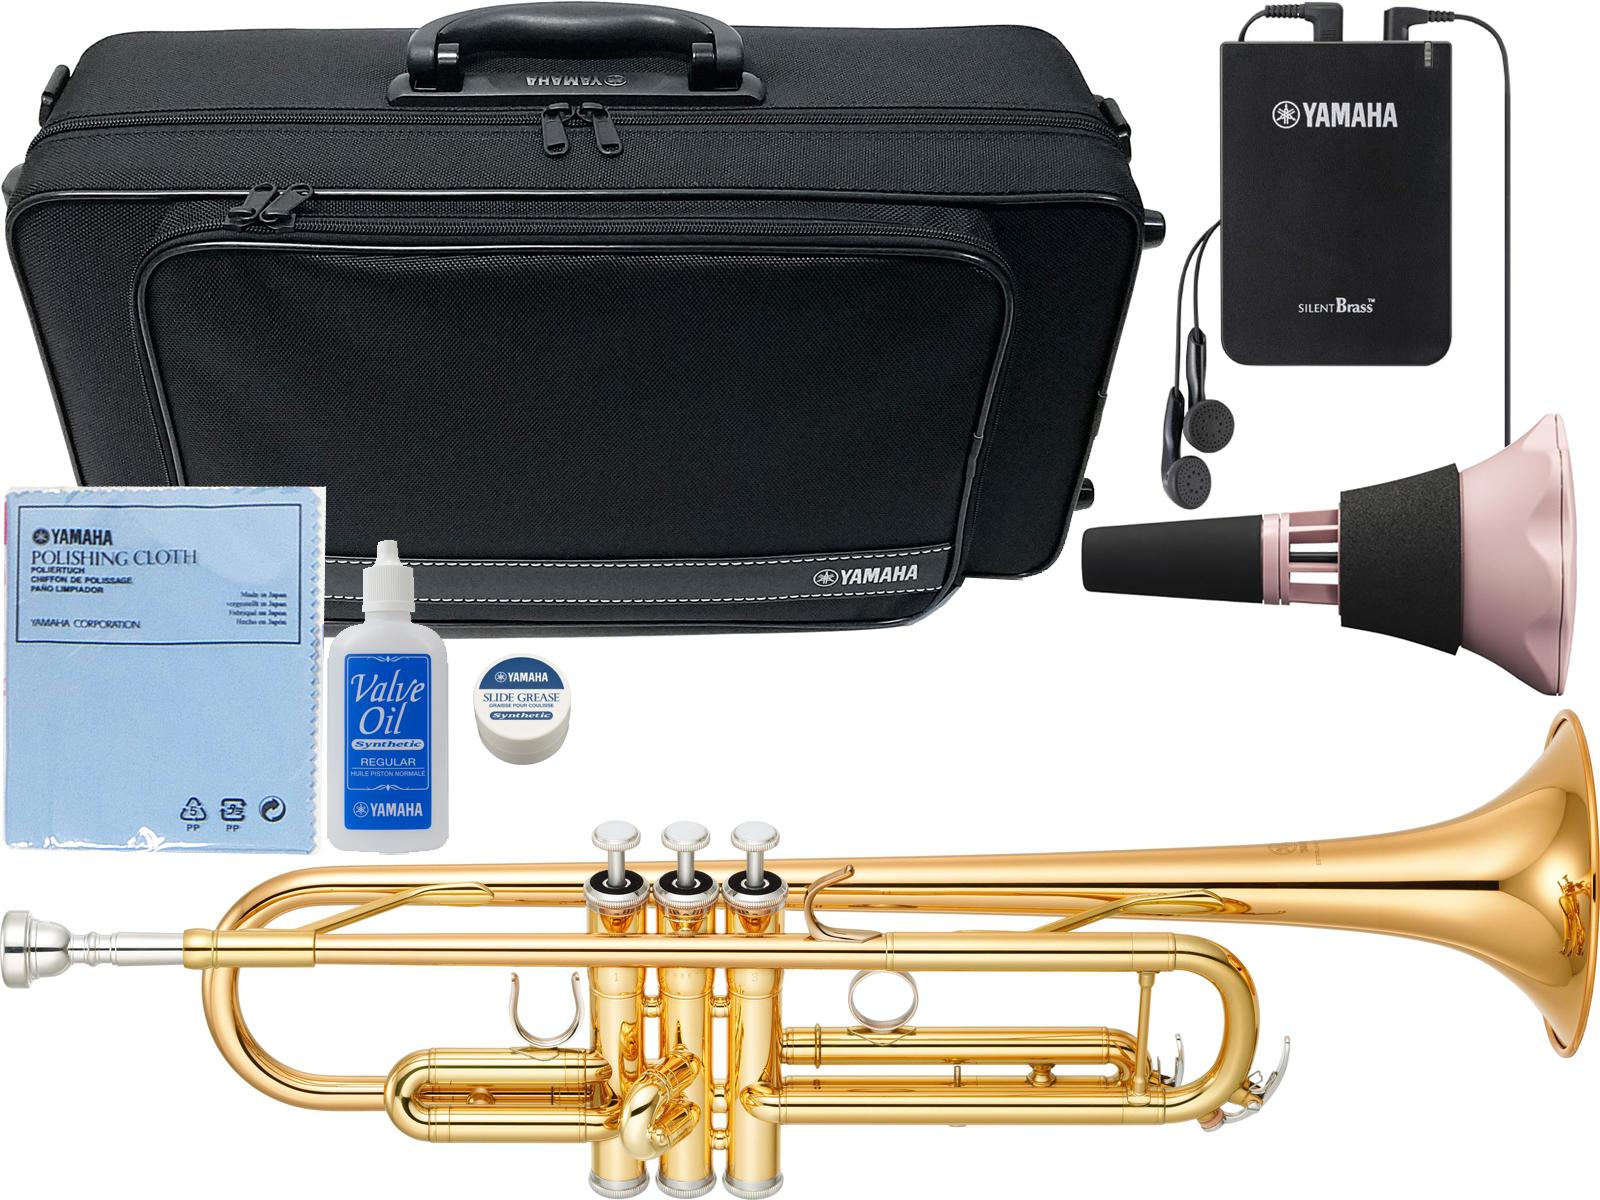 YAMAHA ( ヤマハ ) YTR-4335GII トランペット ゴールドブラスベル 新品 管楽器 B♭ trumpet YTR-4335G2 サイレントブラス SB7XP ピンク 【 YTR4335G2 セット H】 送料無料